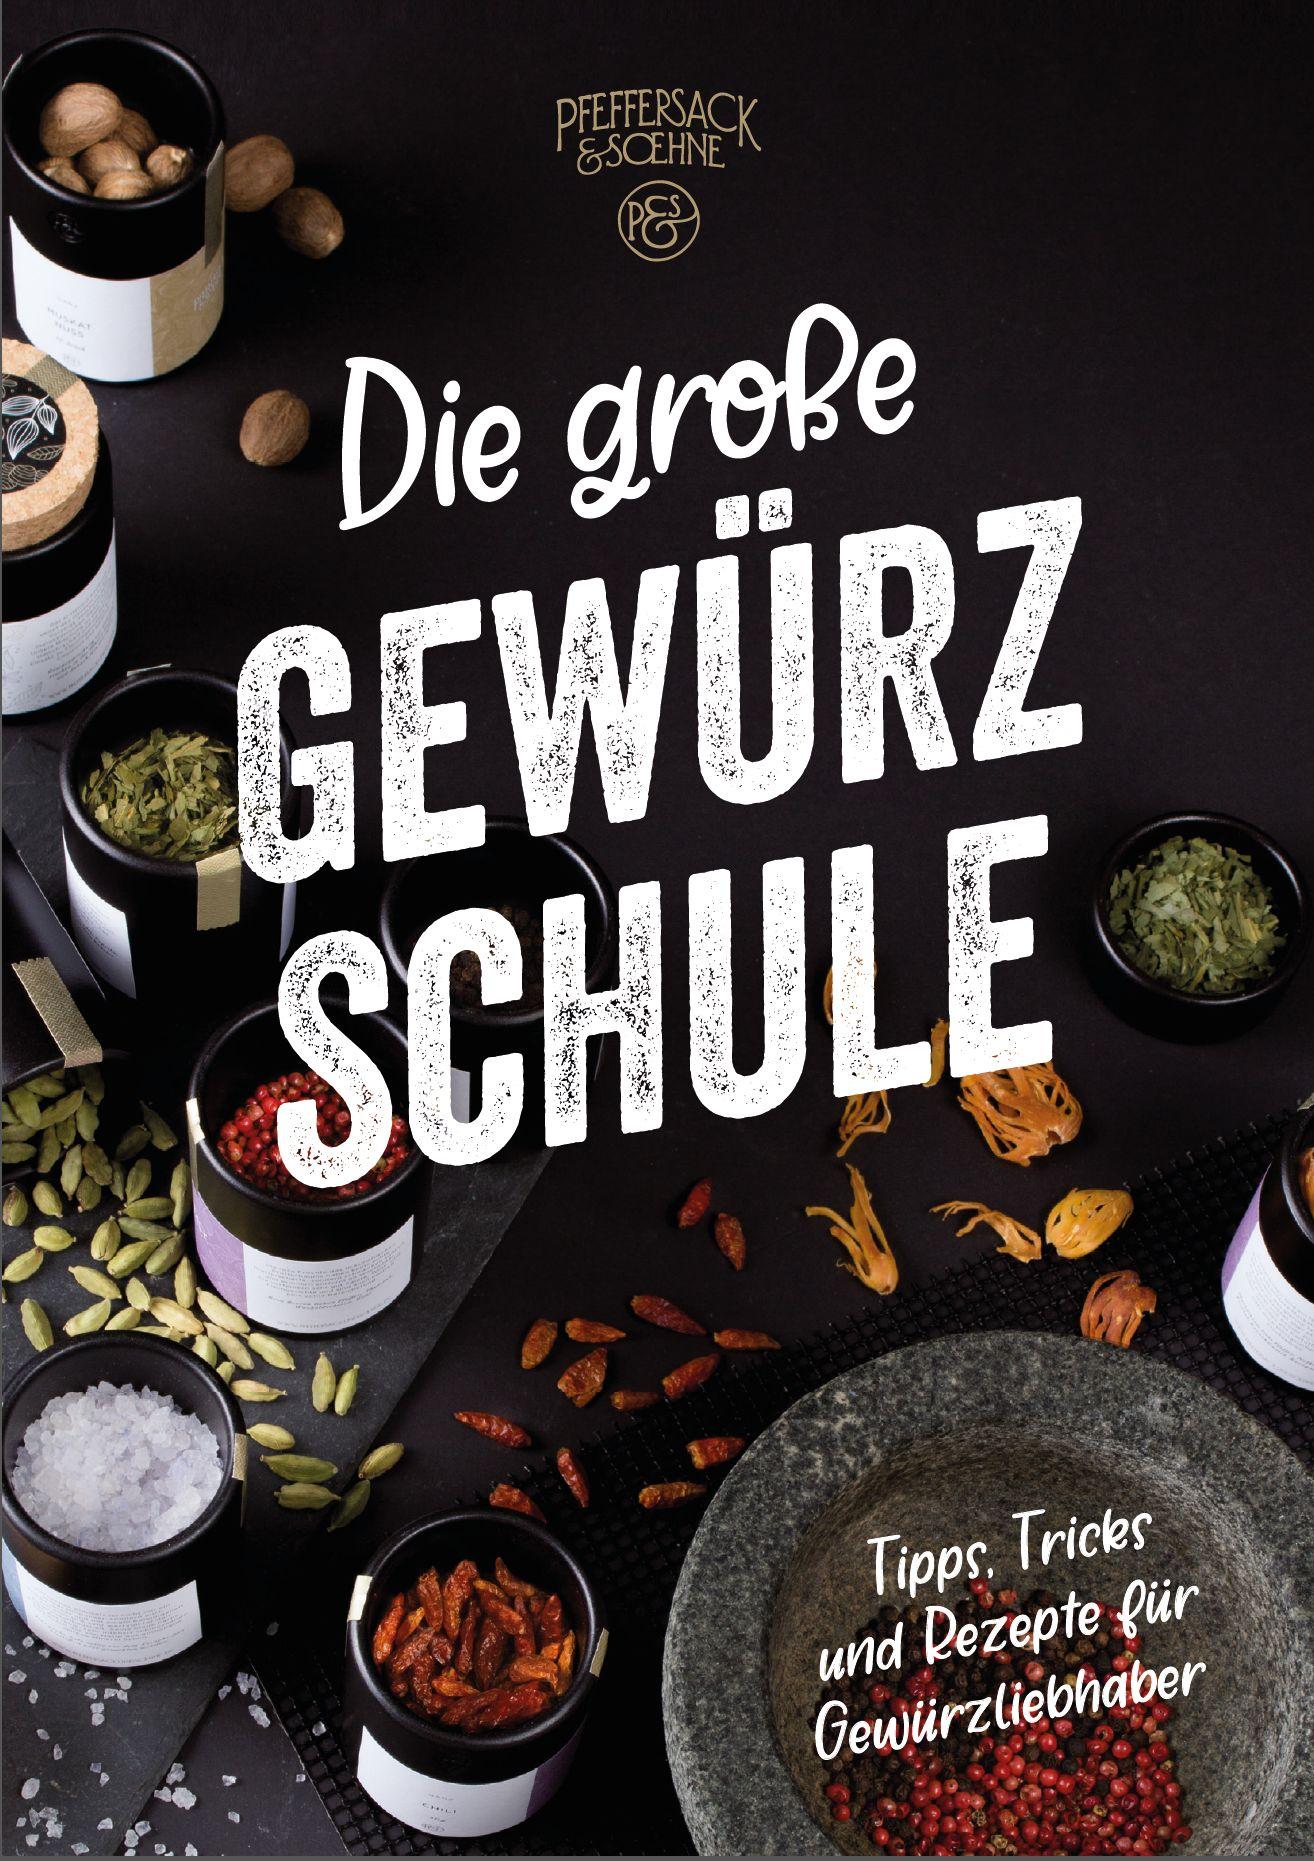 Die Große Gewürzschule Pfeffersack & Söhne E-Book